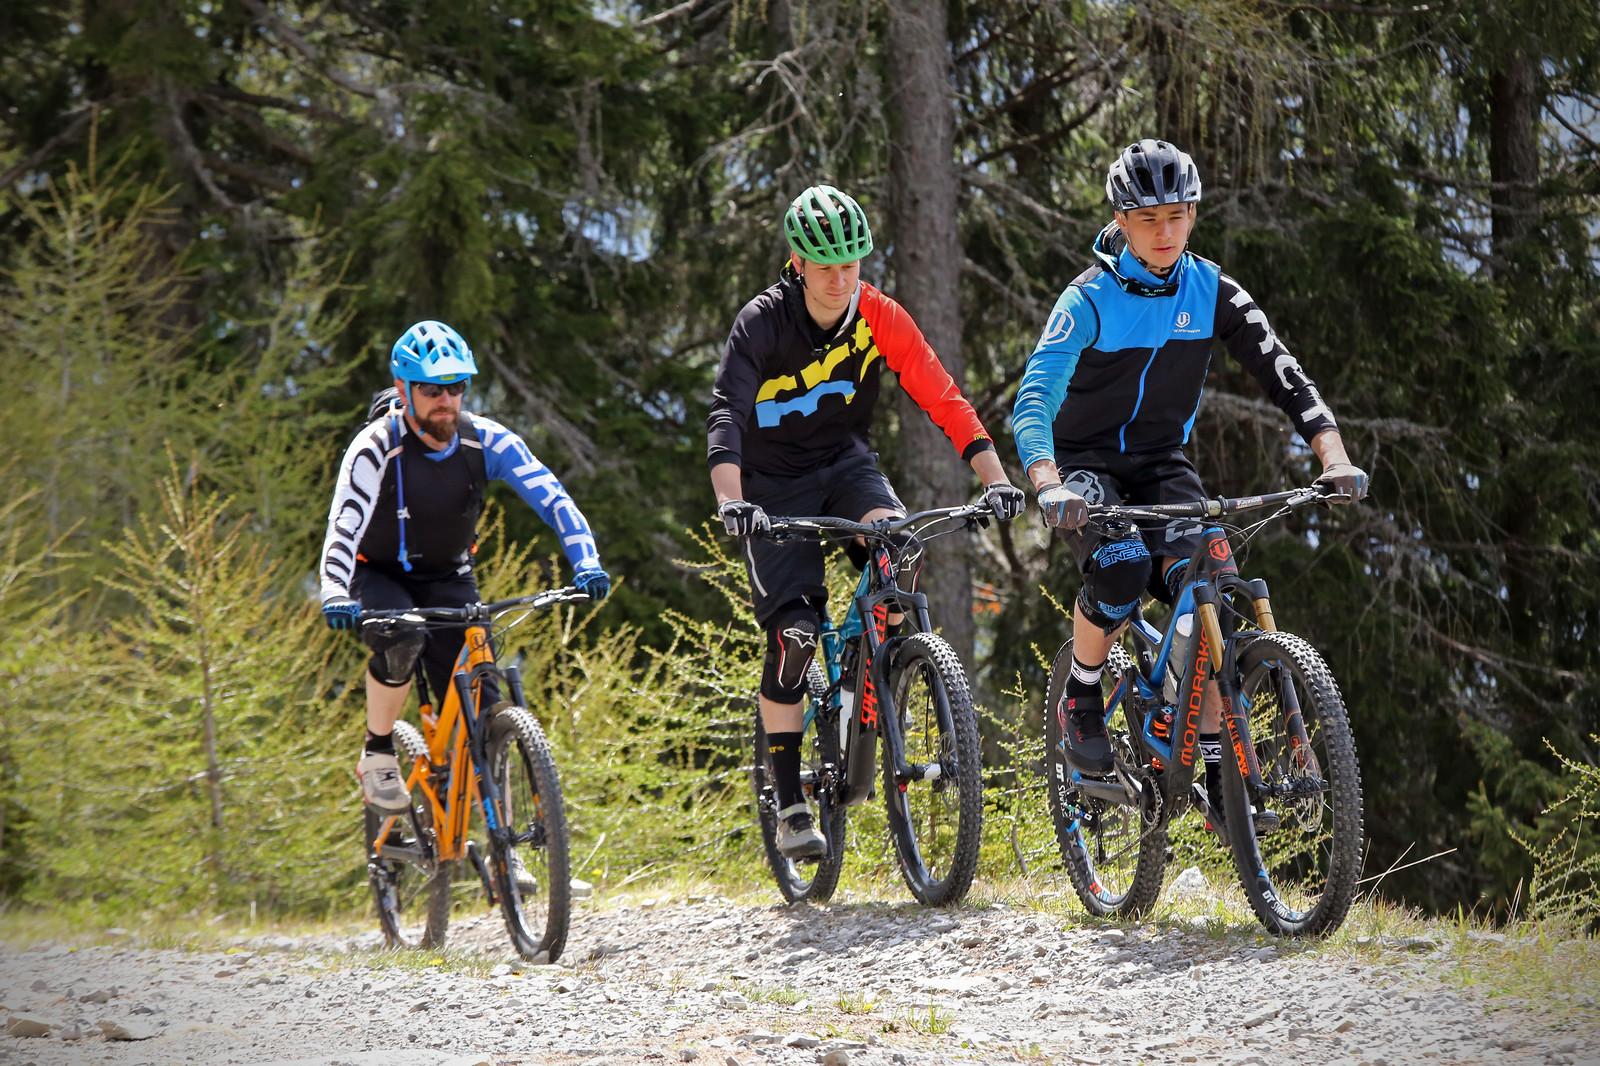 KG Bike foto Porson media 01 - porson - Mountain Biking Pictures - Vital MTB